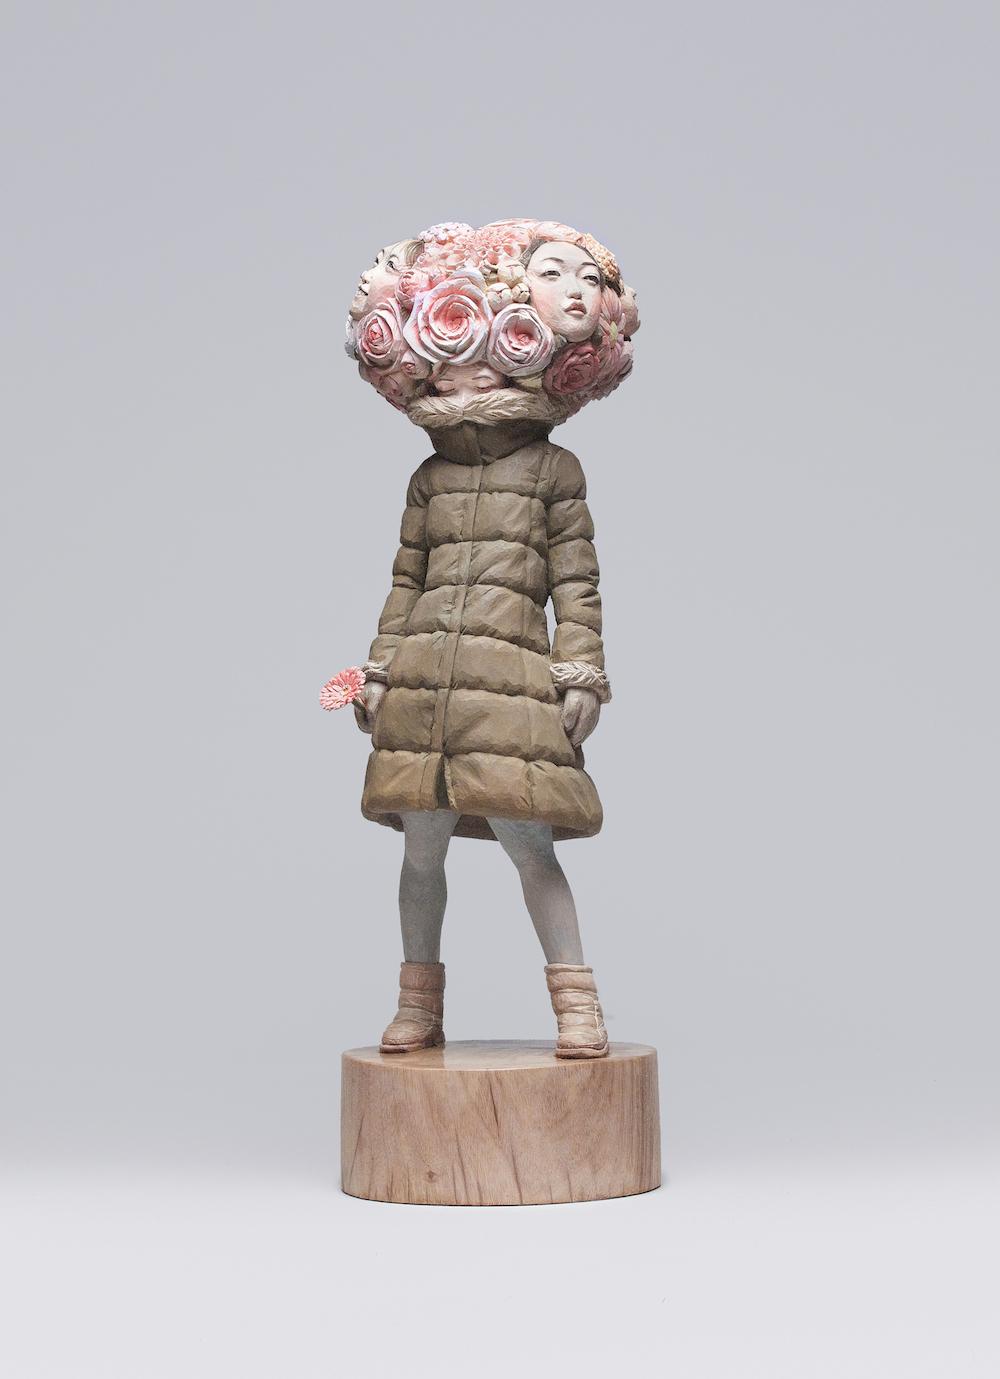 2017年展示予定昨品 FUMA Contemporary Tokyo | 文京アート 金巻芳俊 春巡ヴァニタス 2016年